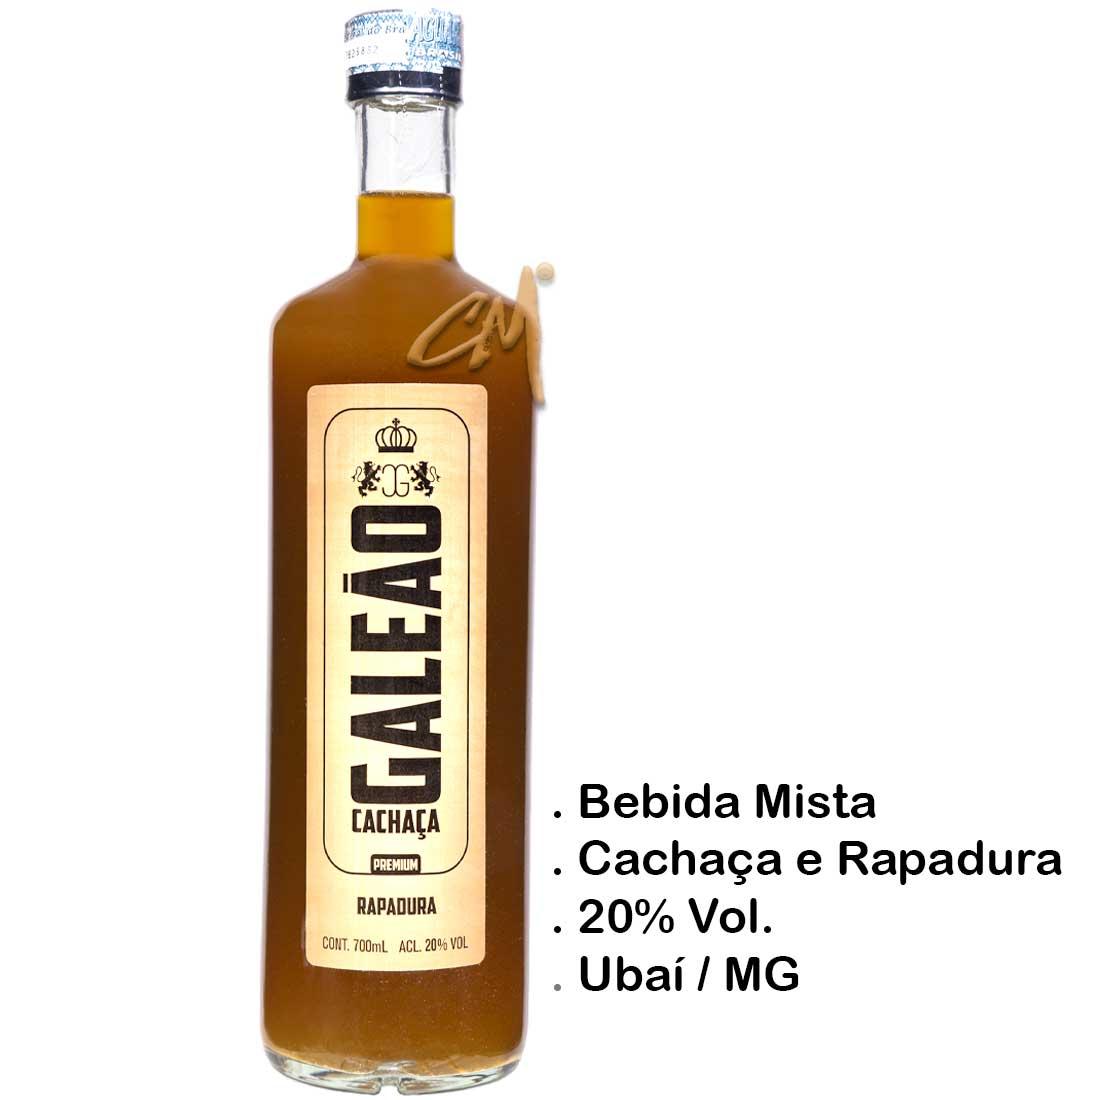 Bebida Mista Galeão - Rapadura - 700 ml (Ubaí-MG)